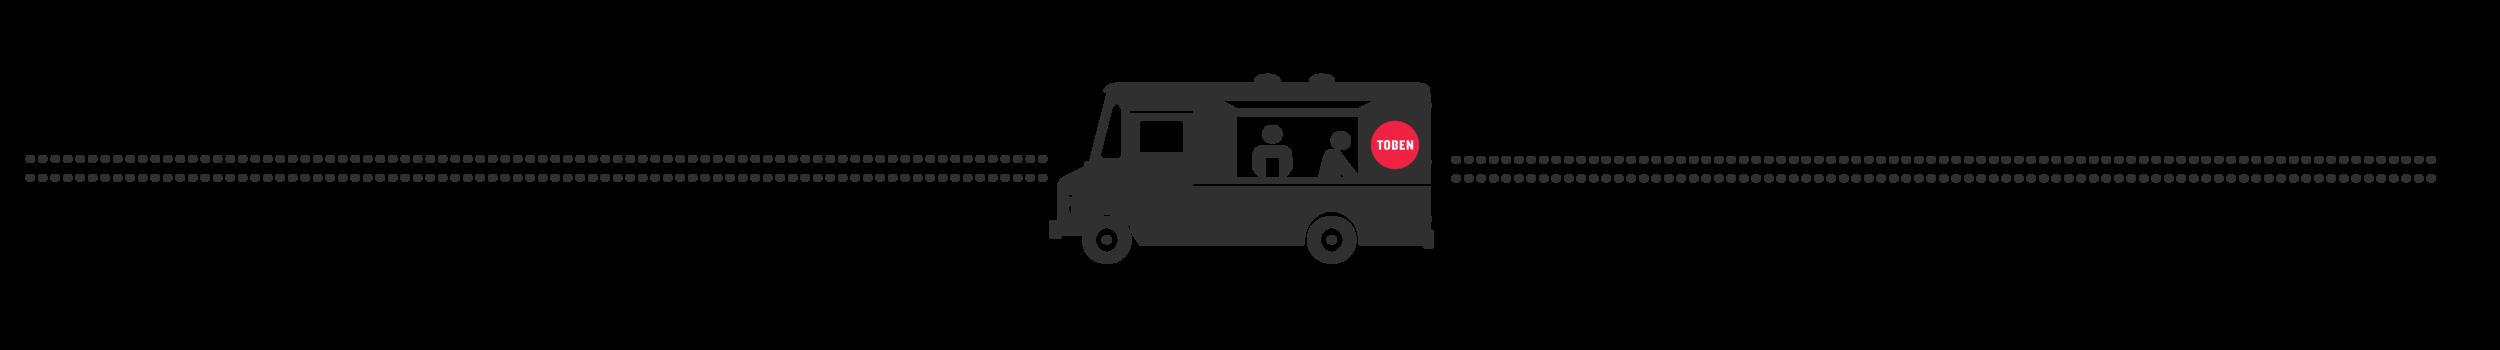 Toben_New-01.png